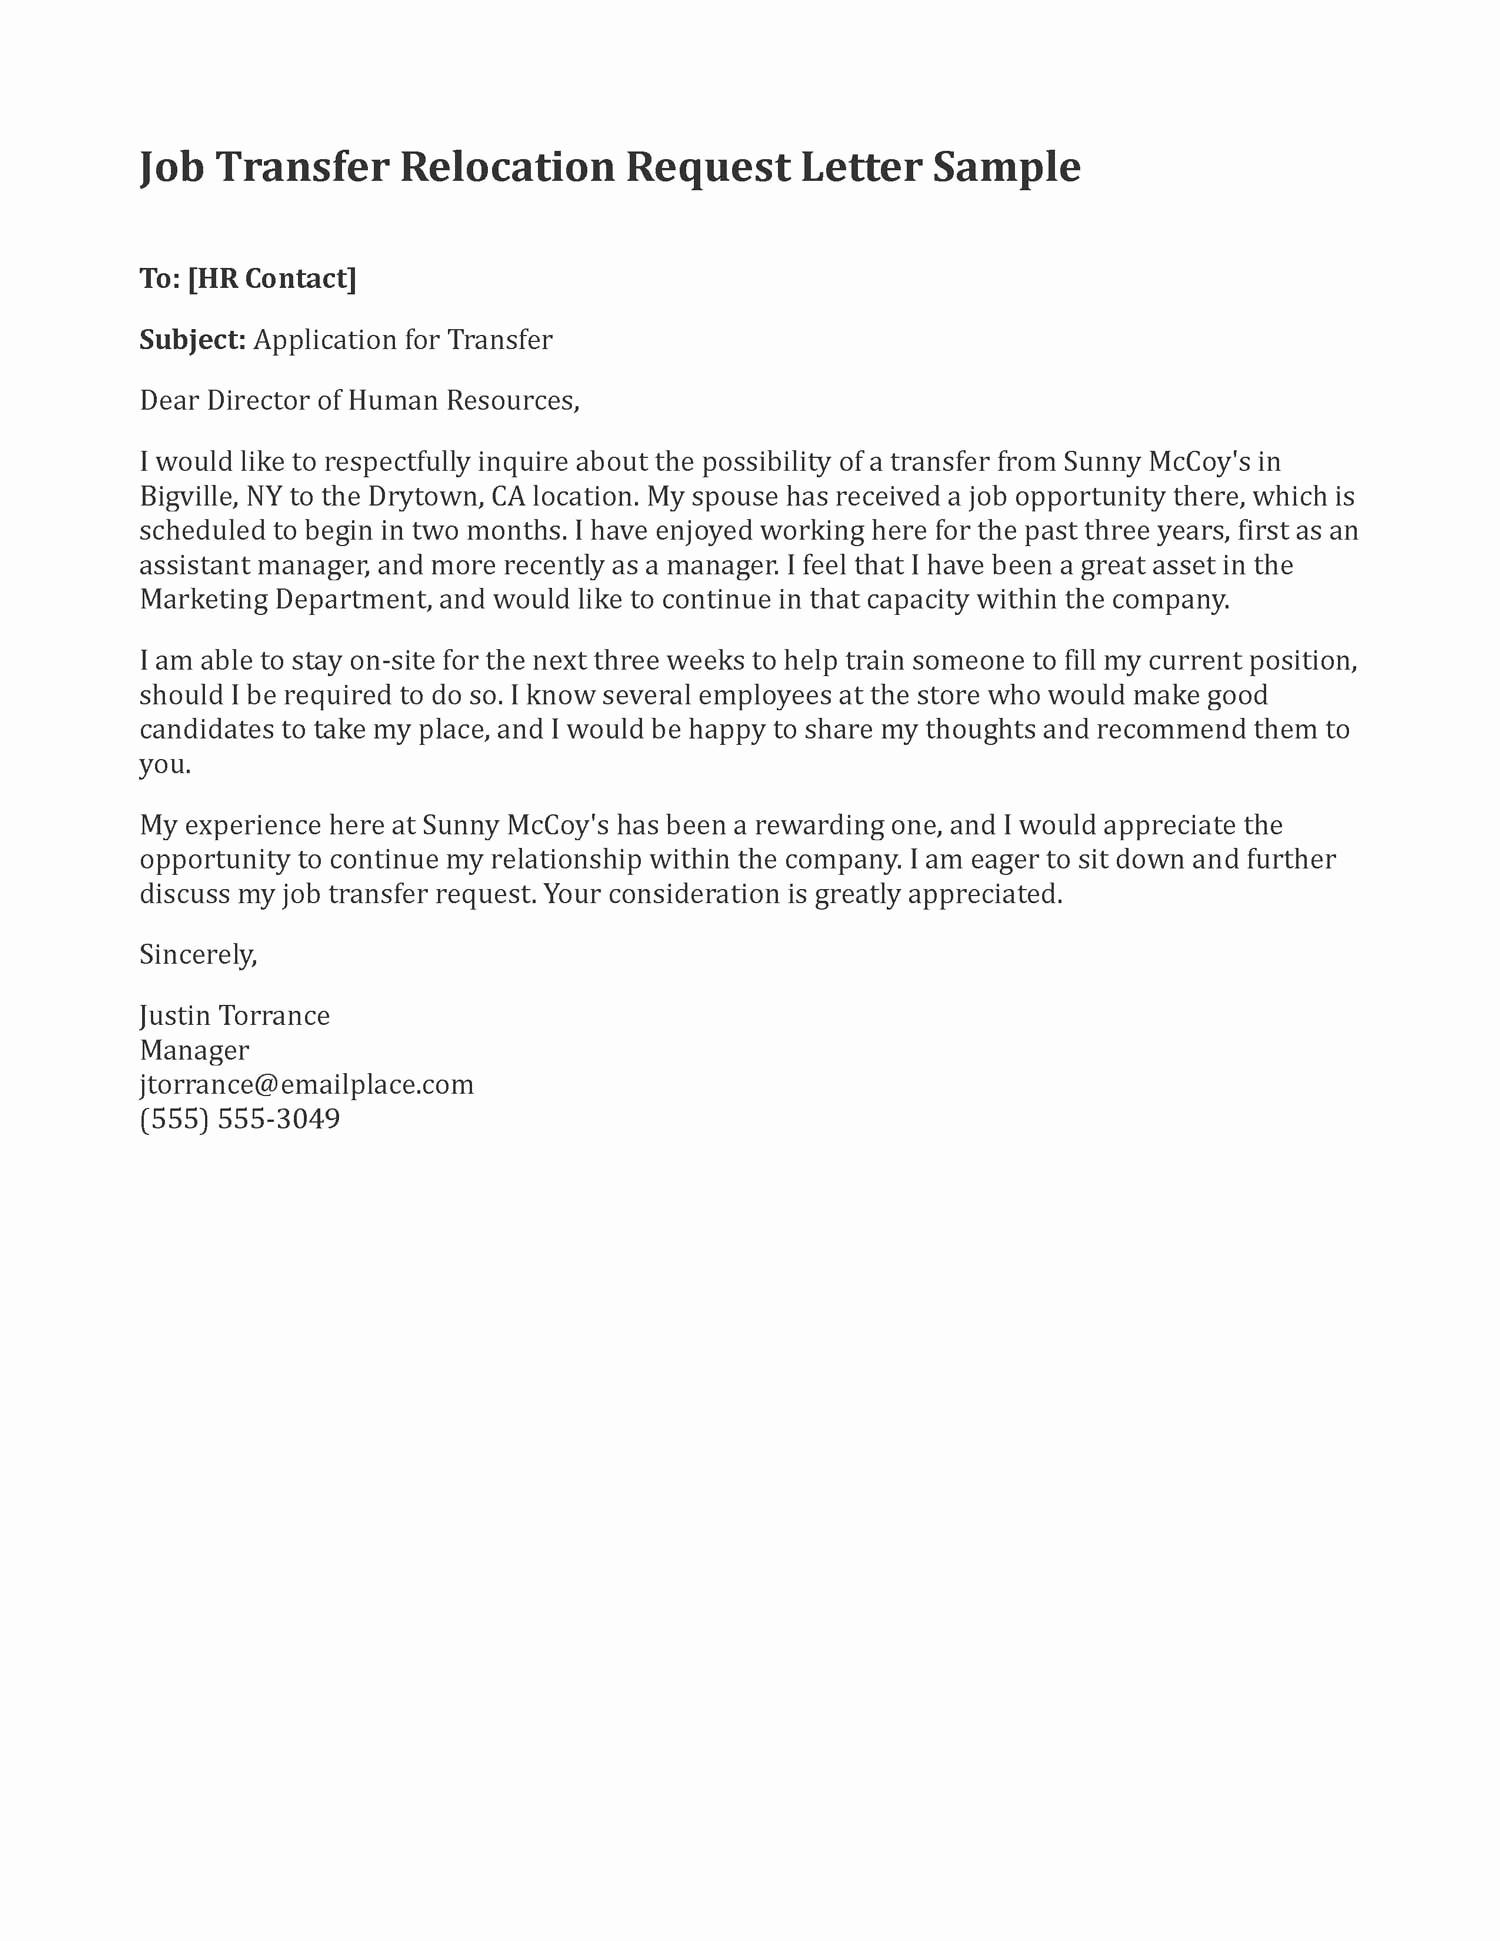 Transfer Letter Template - Internal Job Posting Template Word Awesome Internal Transfer Letter